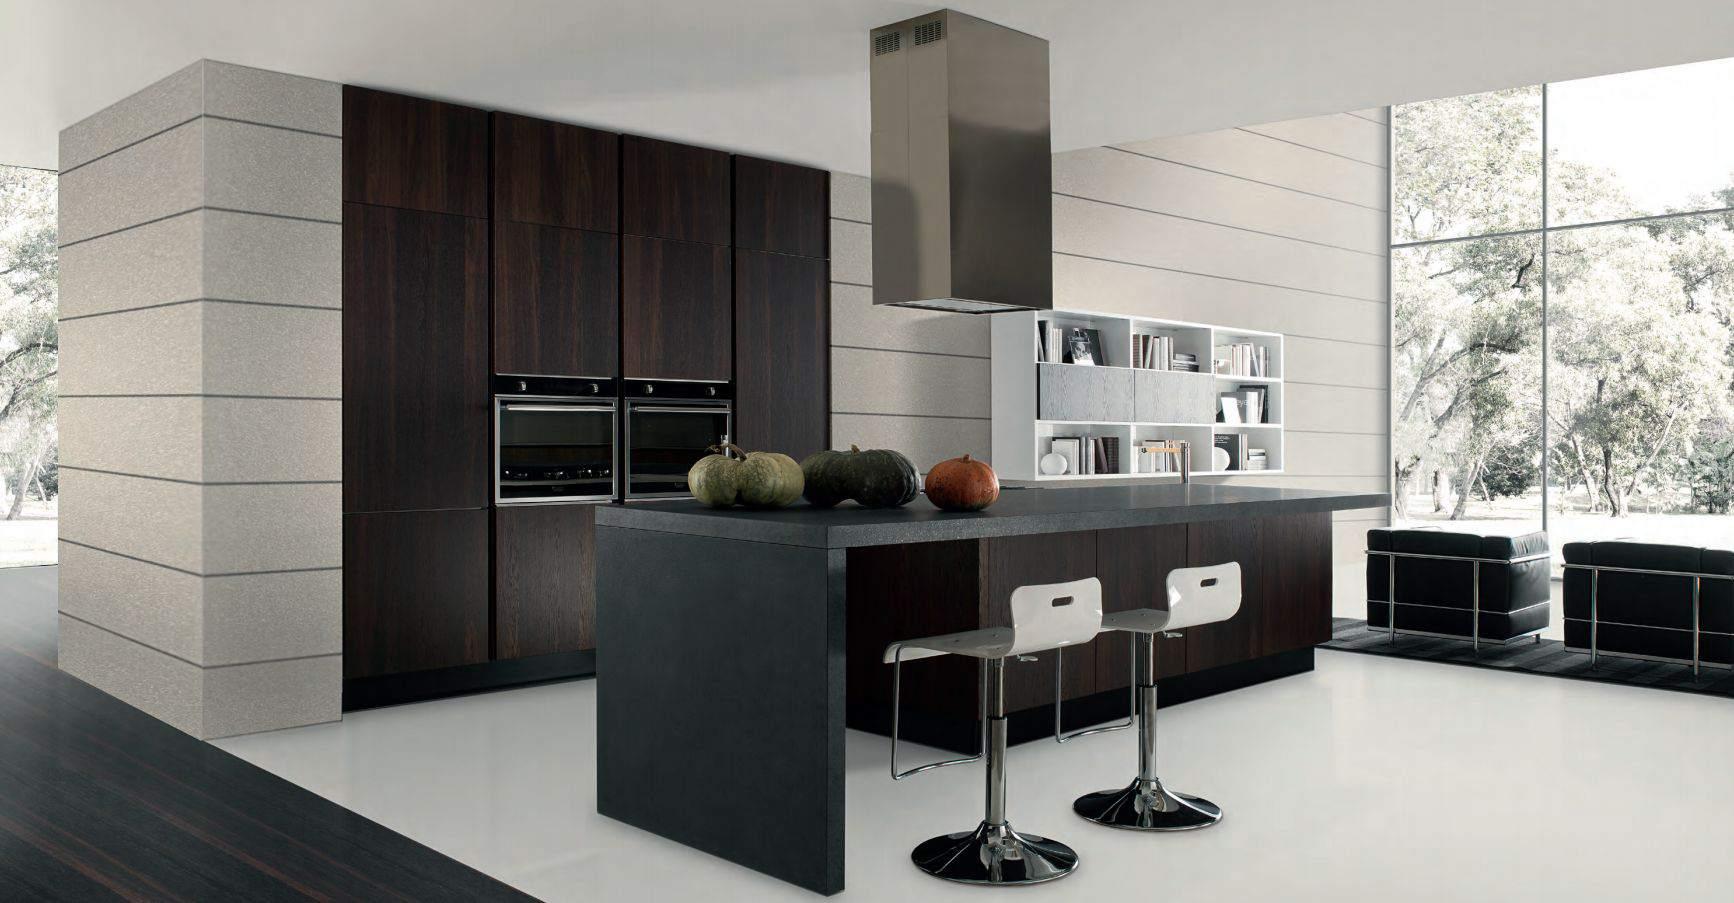 Diseño de cocina ultramoderno